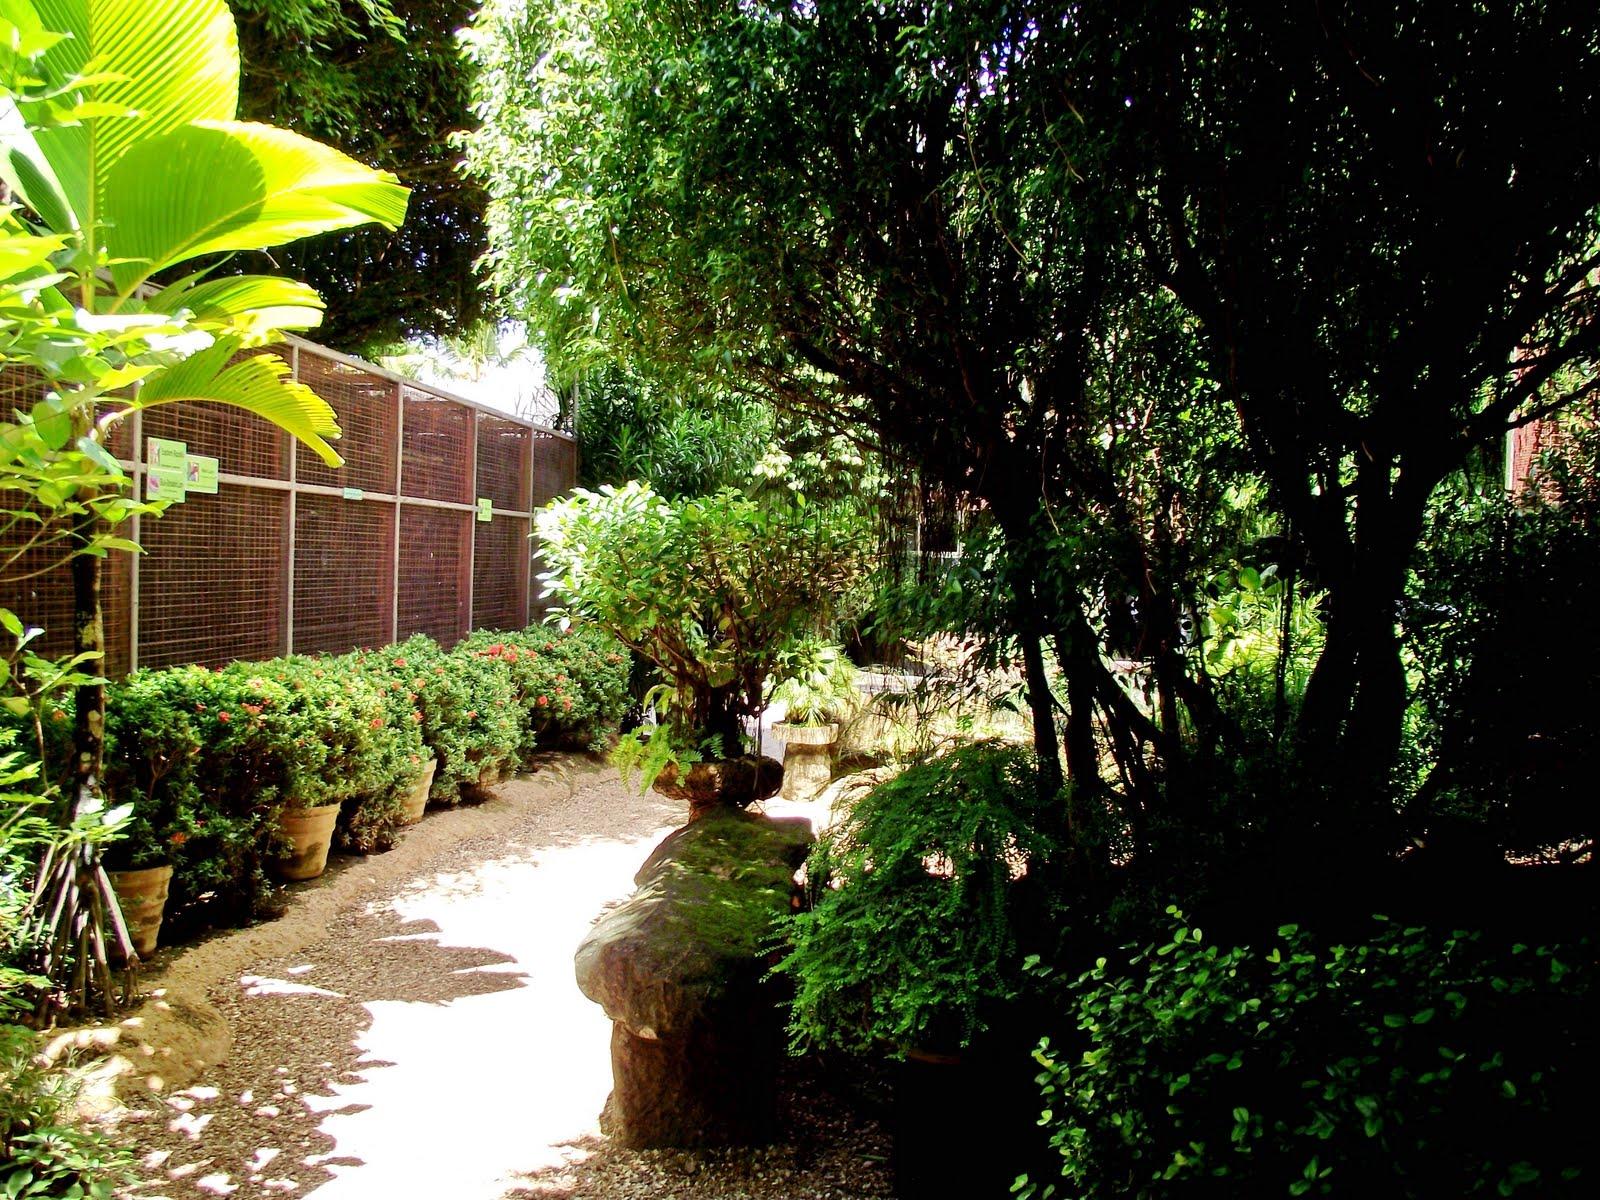 G.L Piyadasa Eco Friendly Bird Park